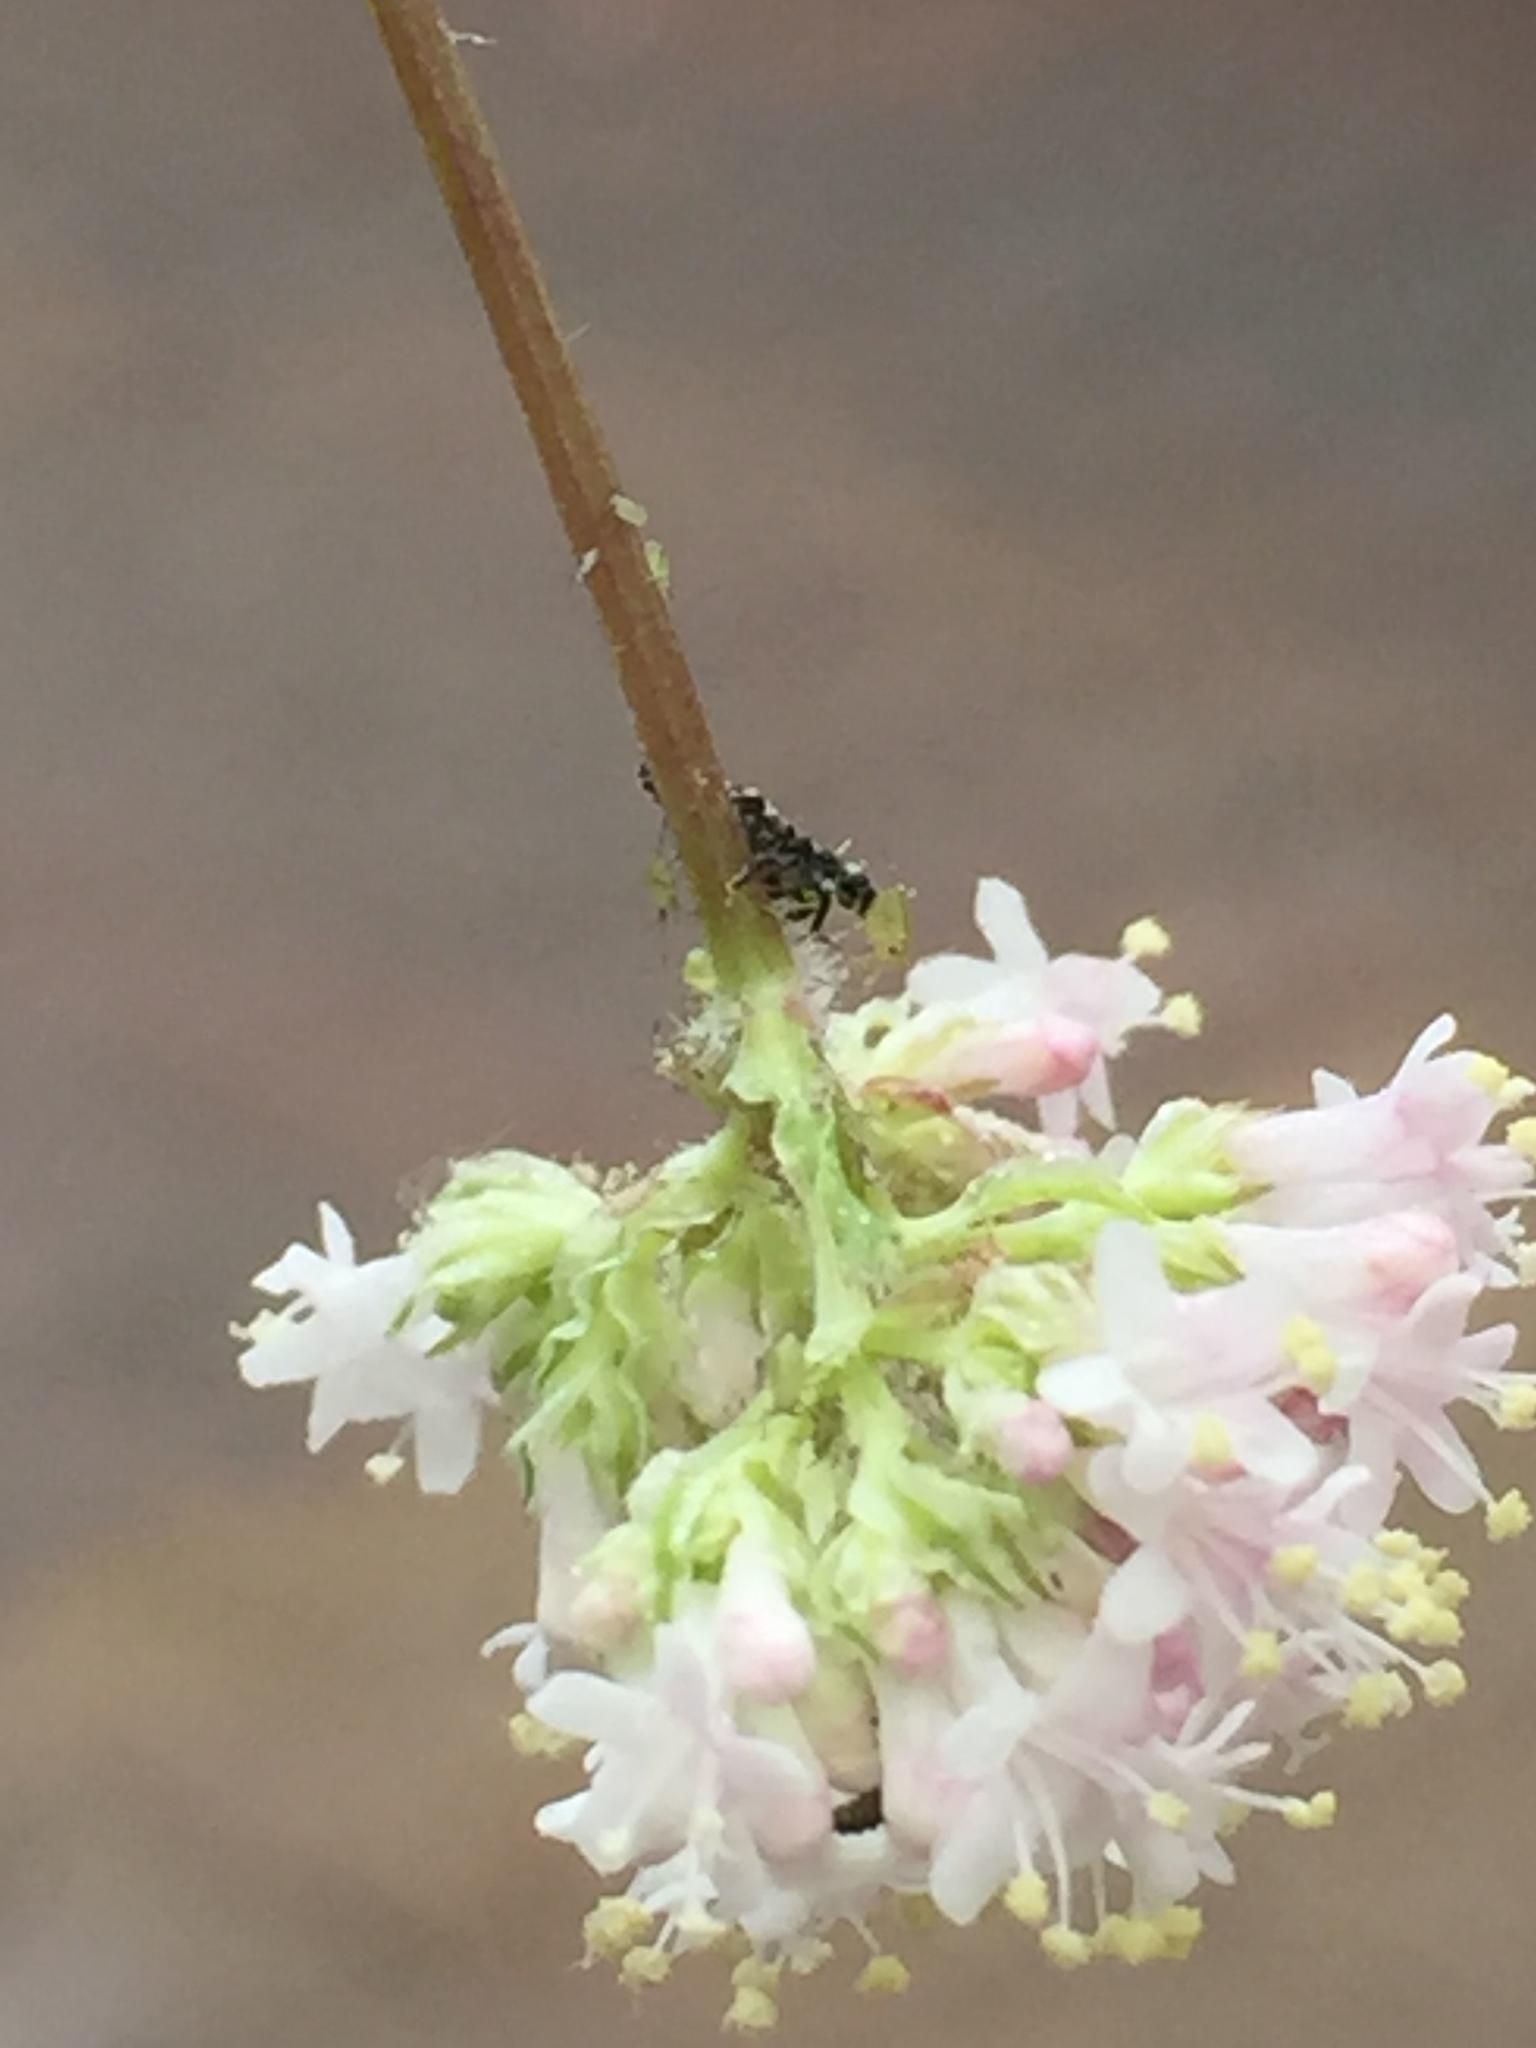 Larve van van lieveheersbeestje op bloem